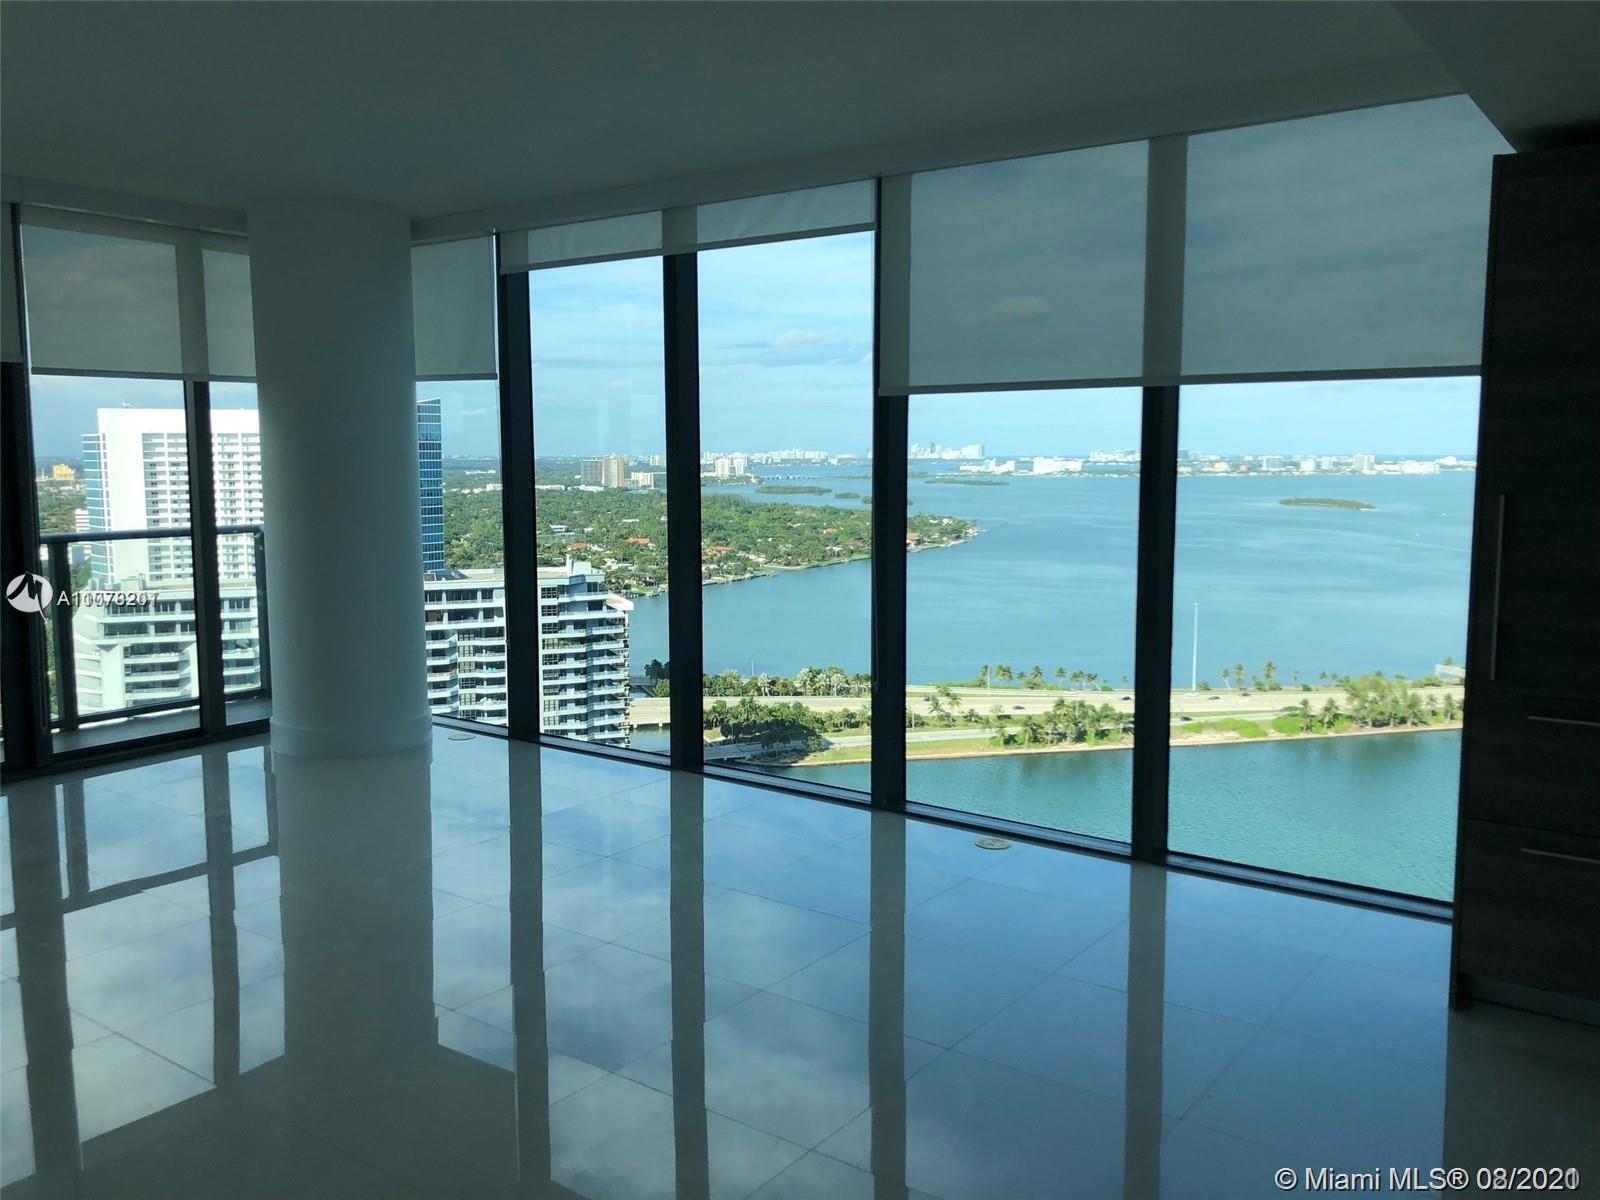 BEST WATER VIEW! PRICED! CORNER! SPACIOUS 1 BEDROOM 1.5 BATHROOM, 9FT CEILING WINDOWS, PRIVATE ELEVA